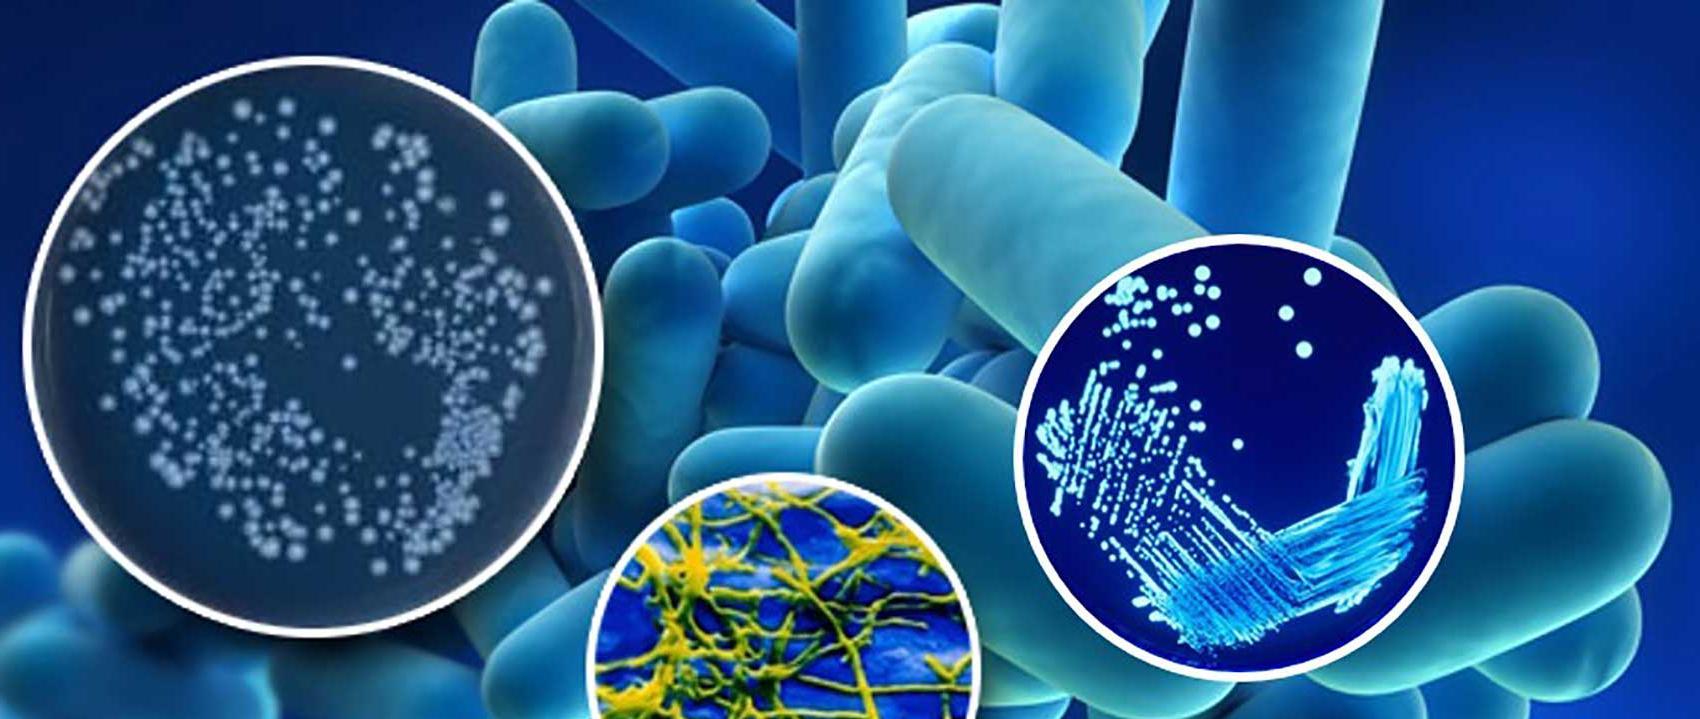 ASHRAE Güncel Legionella Standardını Yayınladı